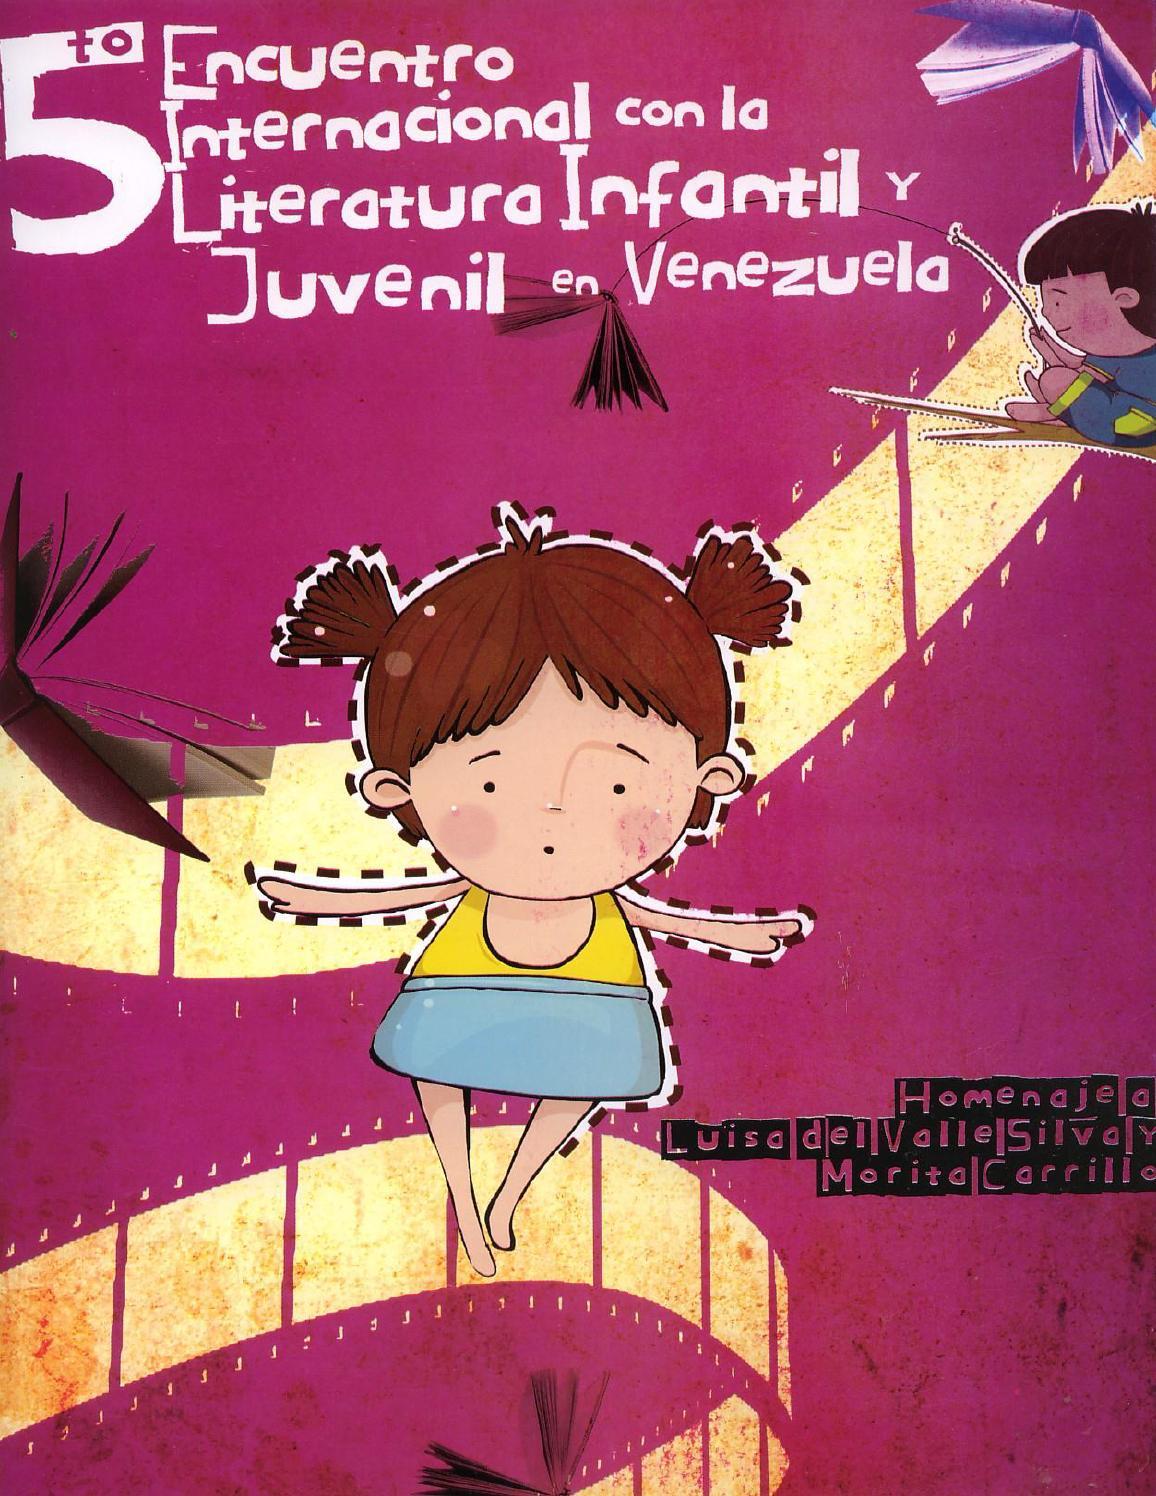 Abuelas Nordicas Porno 5to encuentro de literatura infantil y juvenil en venezuela